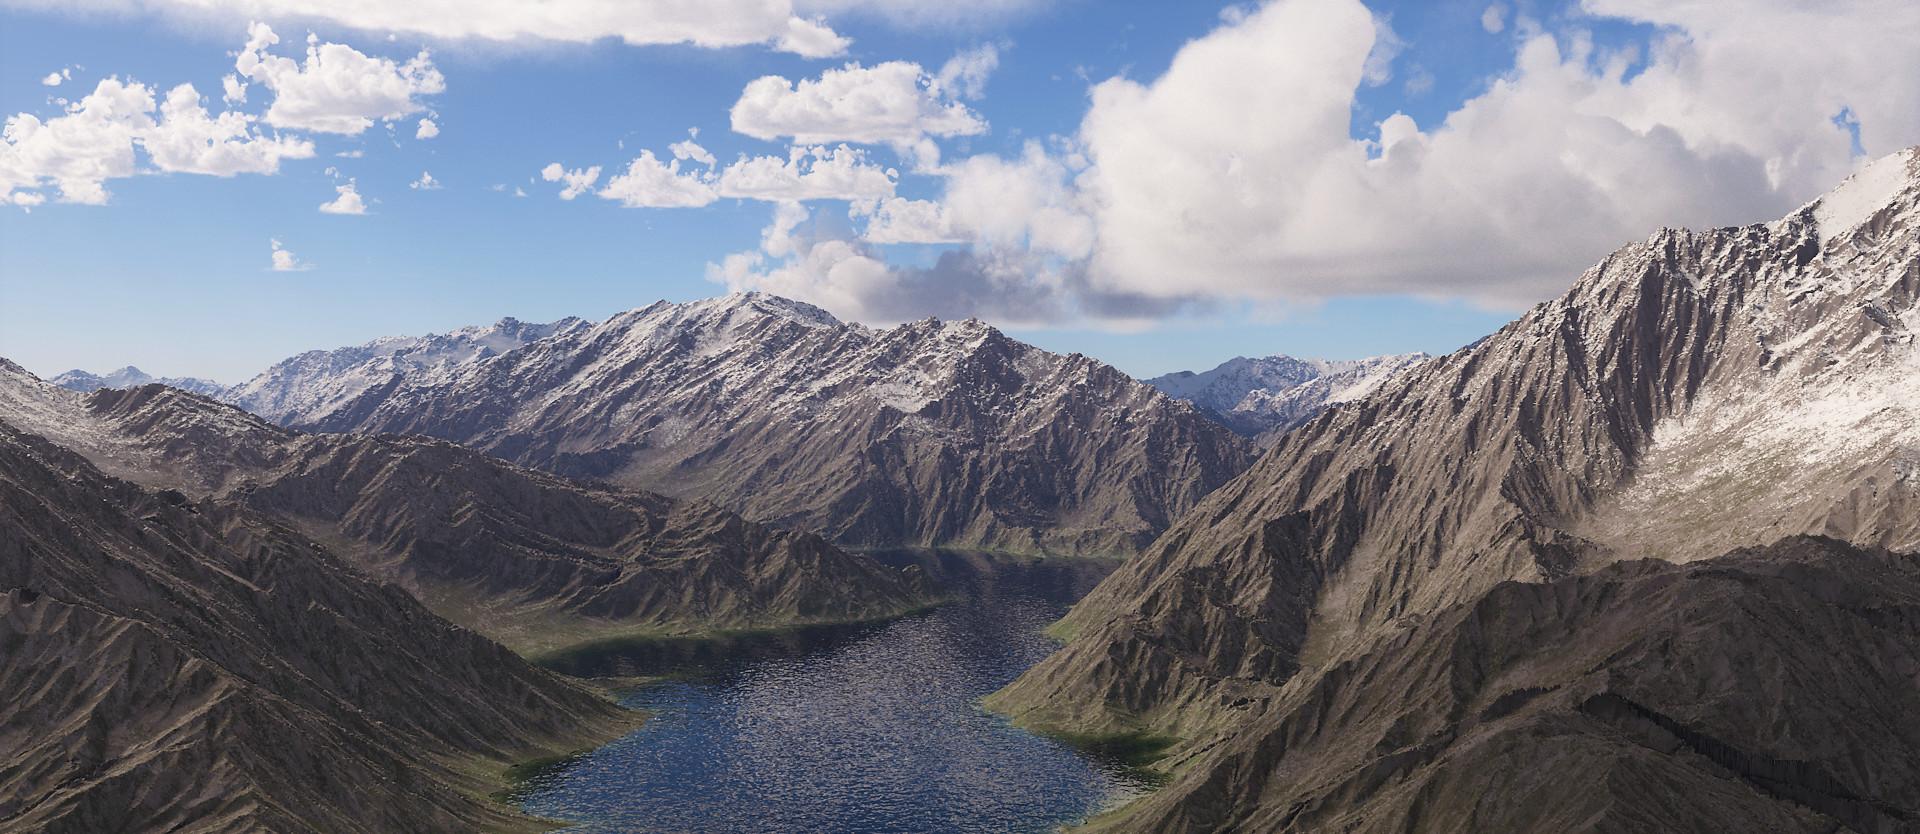 ArtStation - Terragen 4 Mountains, Slawomir Wawrzkowicz